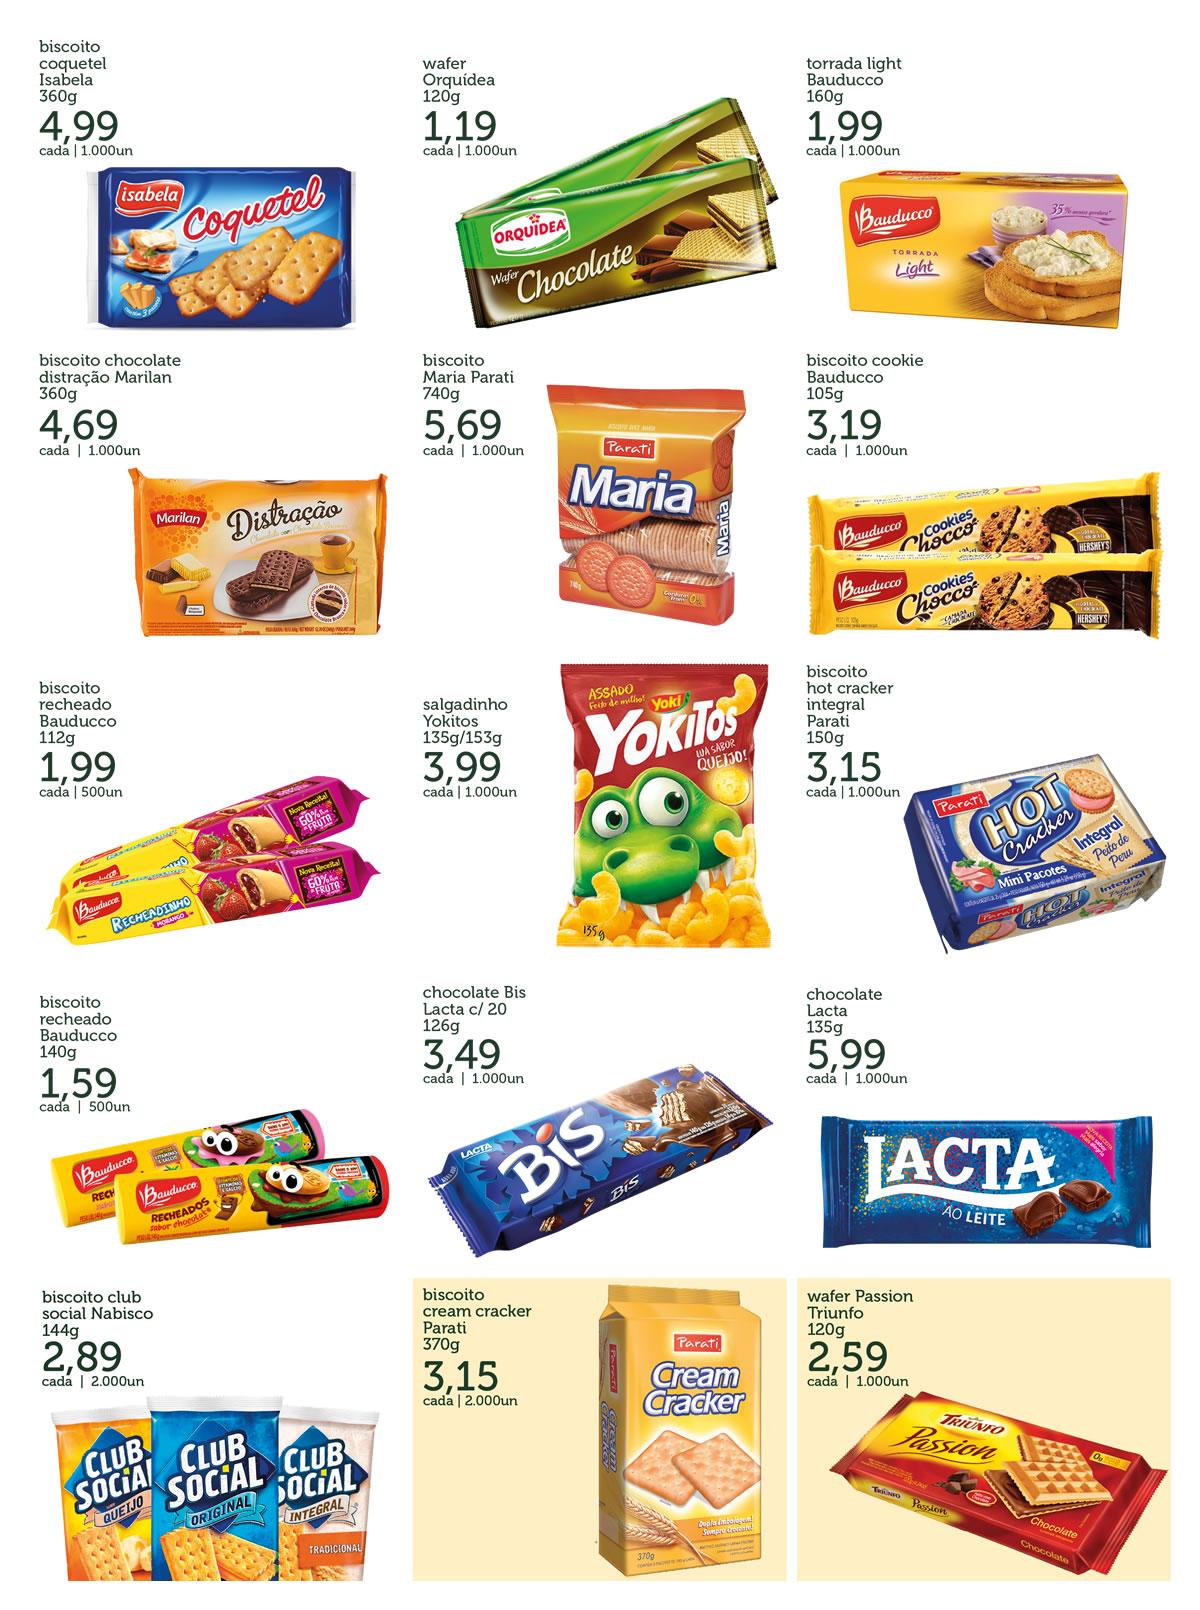 caita_supermercados_tabloide_junho2018_concordia10